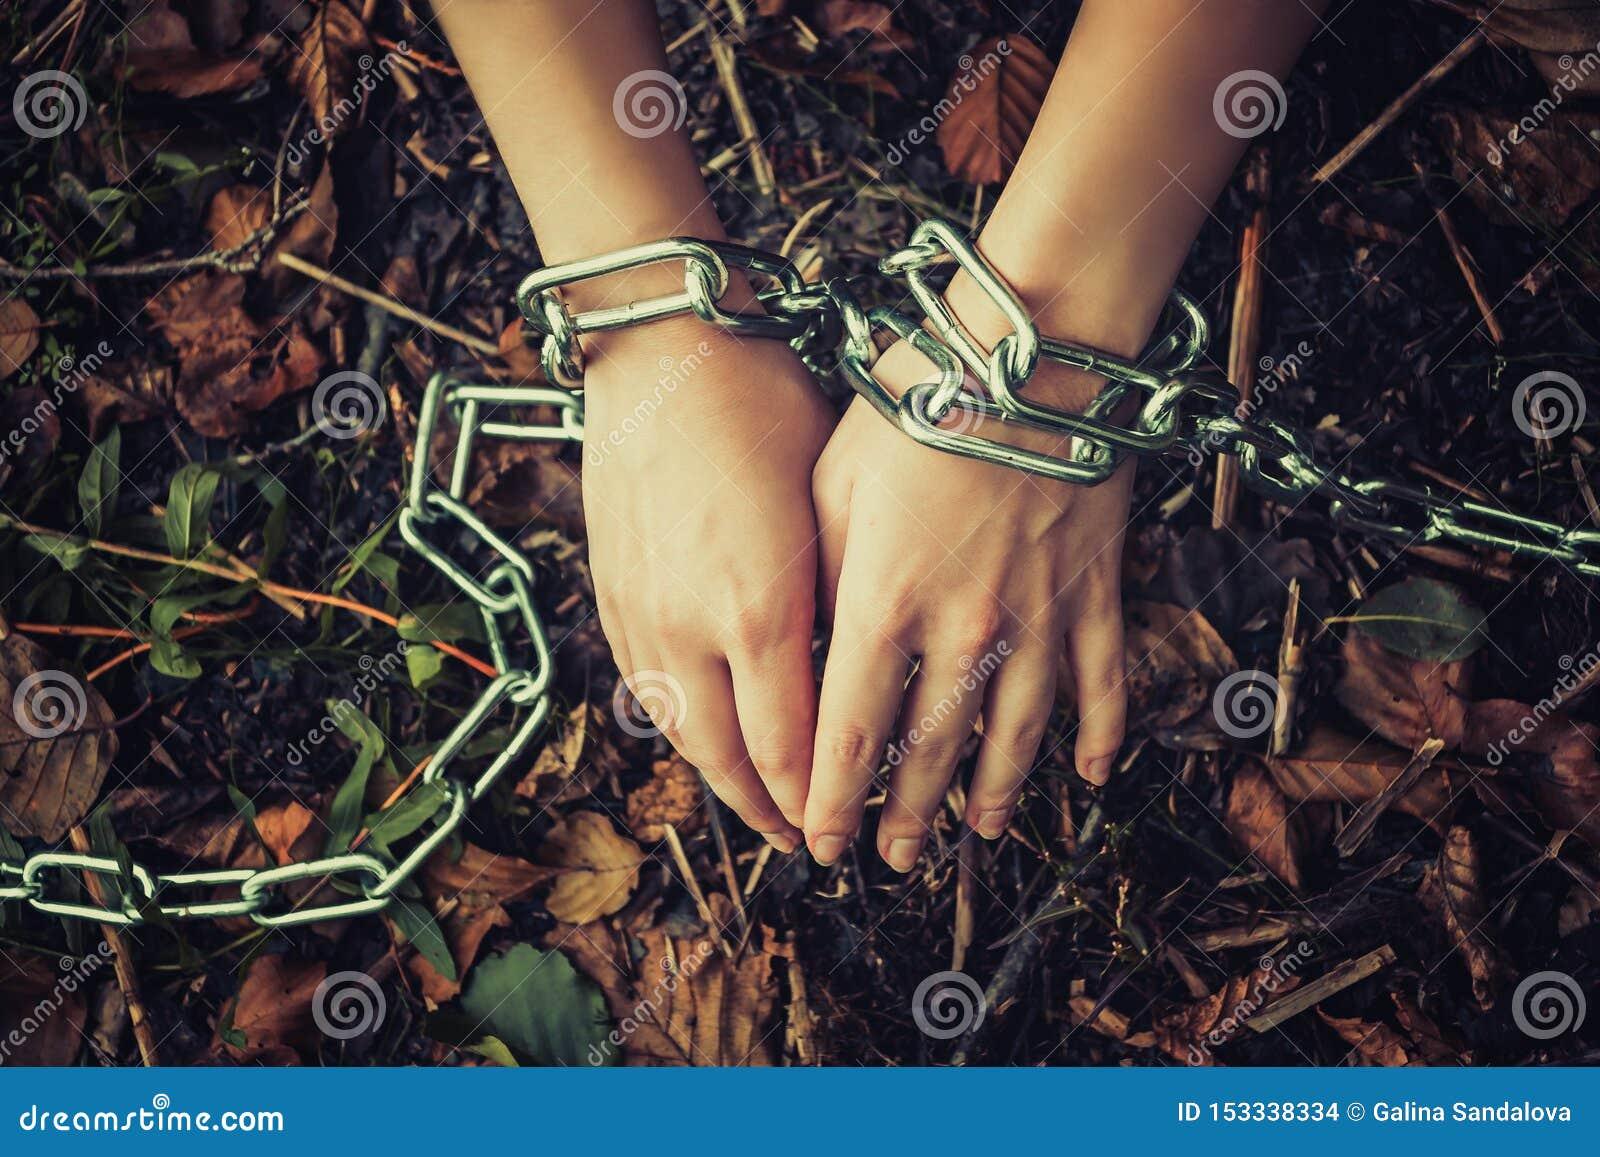 Las manos de las mujeres encadenaron en un bosque oscuro - el concepto de violencia, rehén, esclavitud